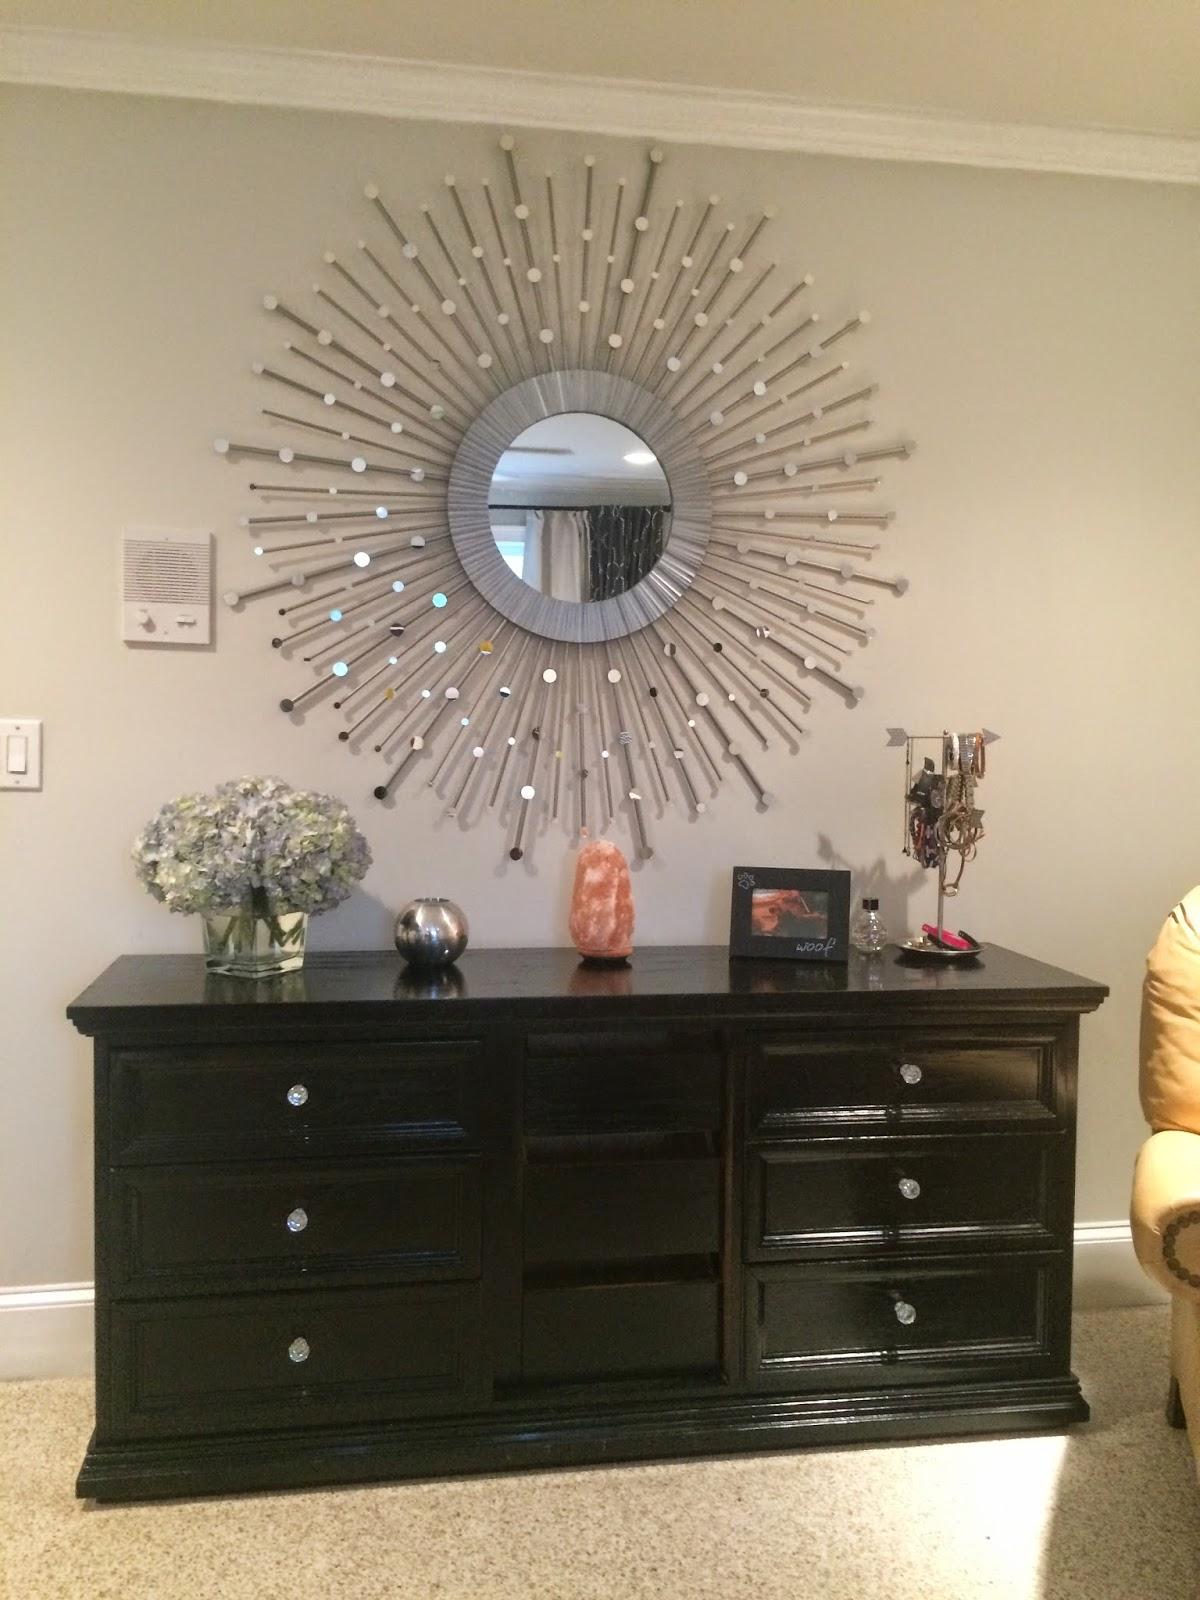 DIY Sunburst Mirror: Stacey's DIY Sunburst Mirror